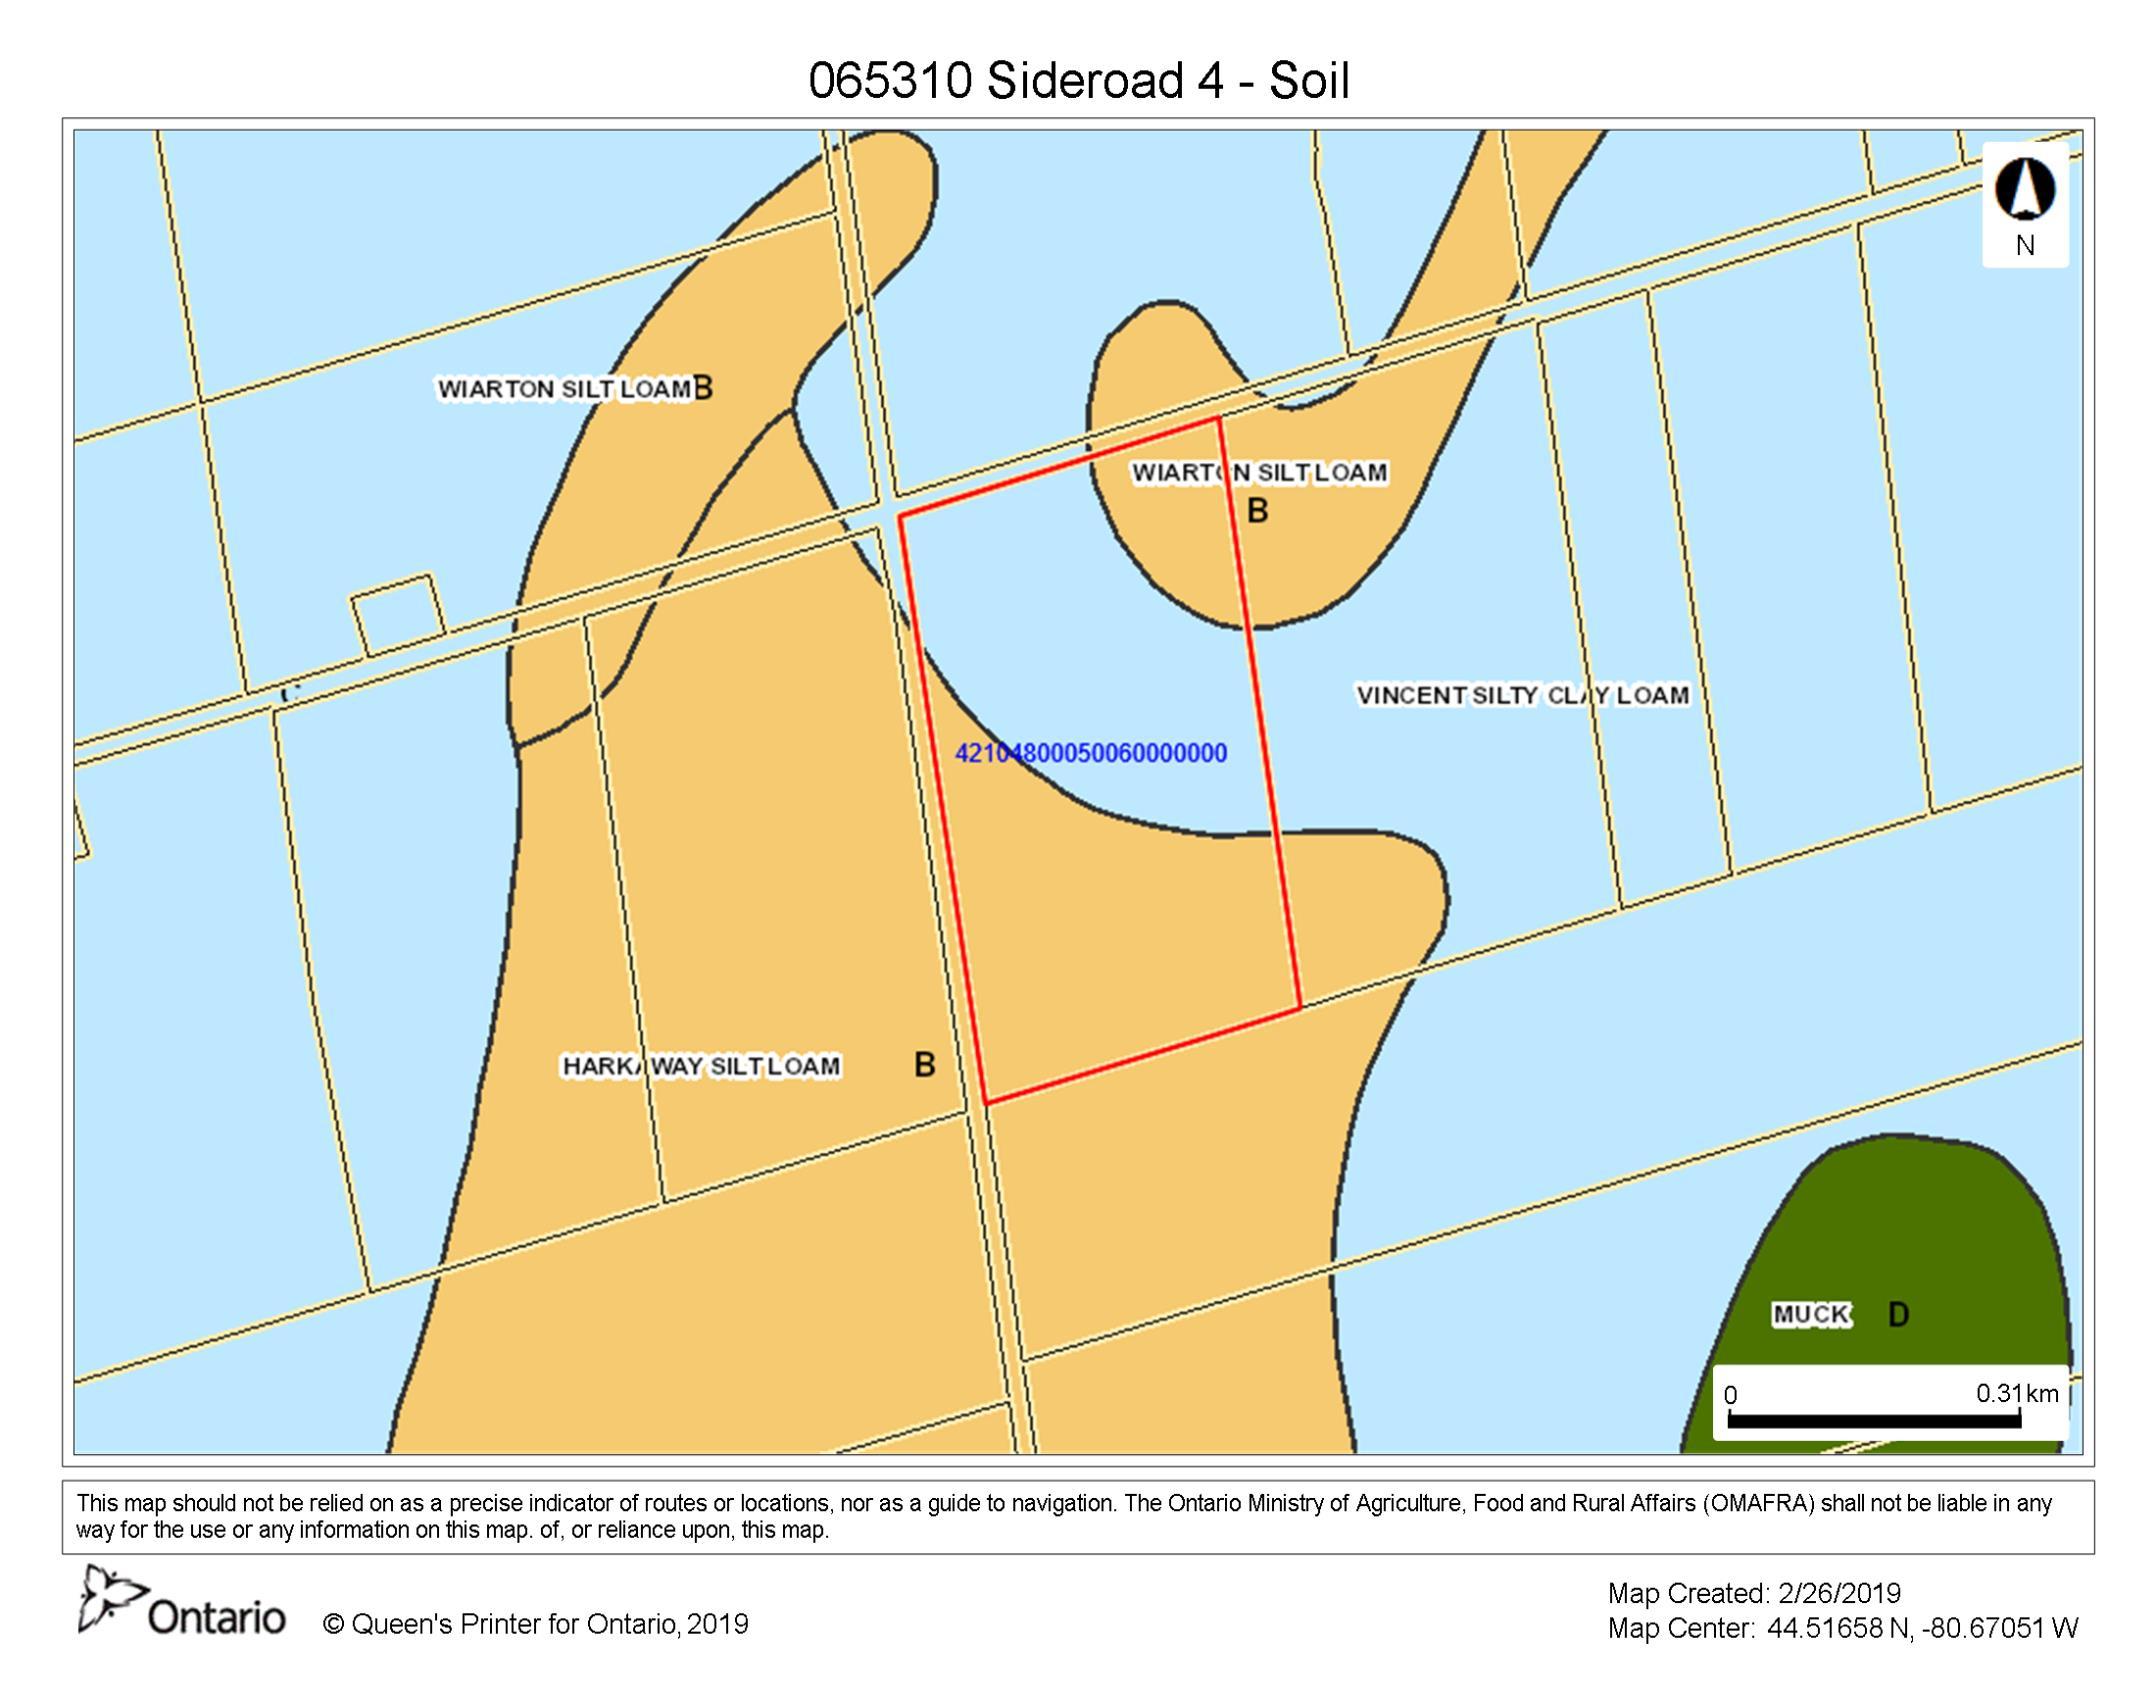 065310 Sideroad 4 - Soil